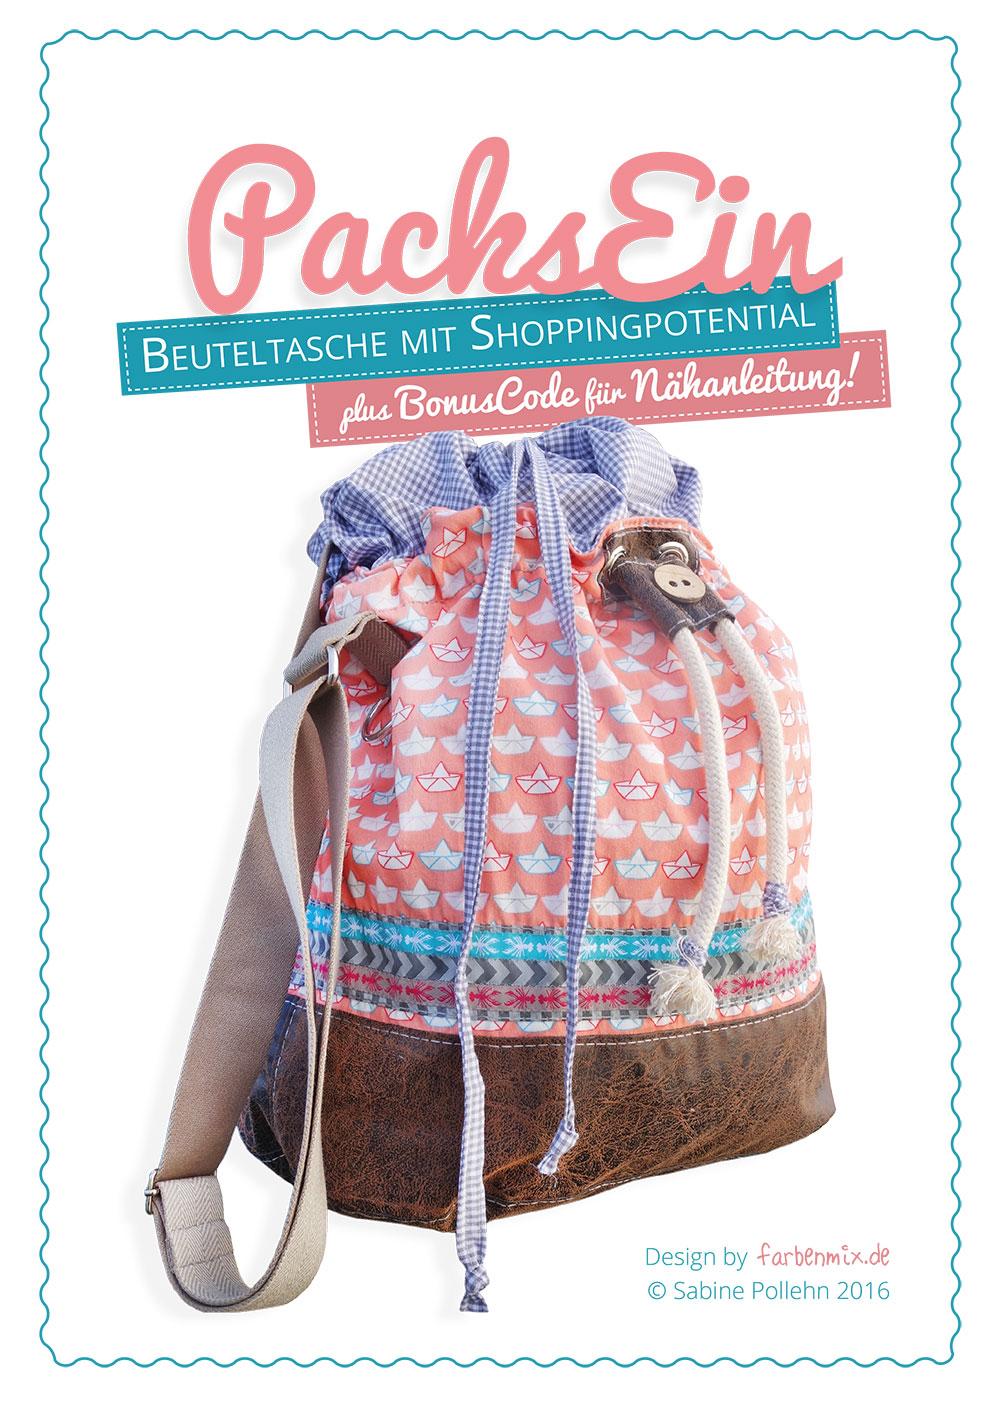 LajaW - Schnittmuster Packs Ein! Einkaufstasche